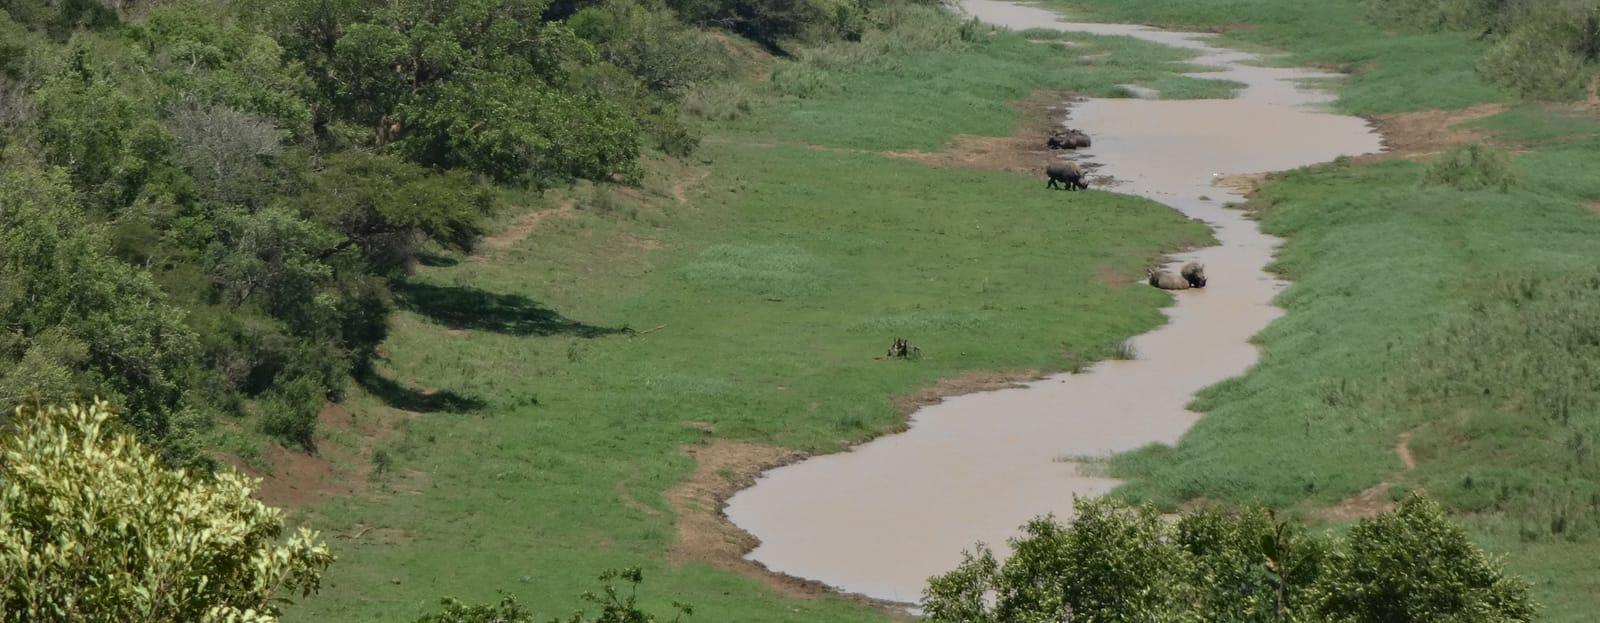 Artenschutz in Südafrika